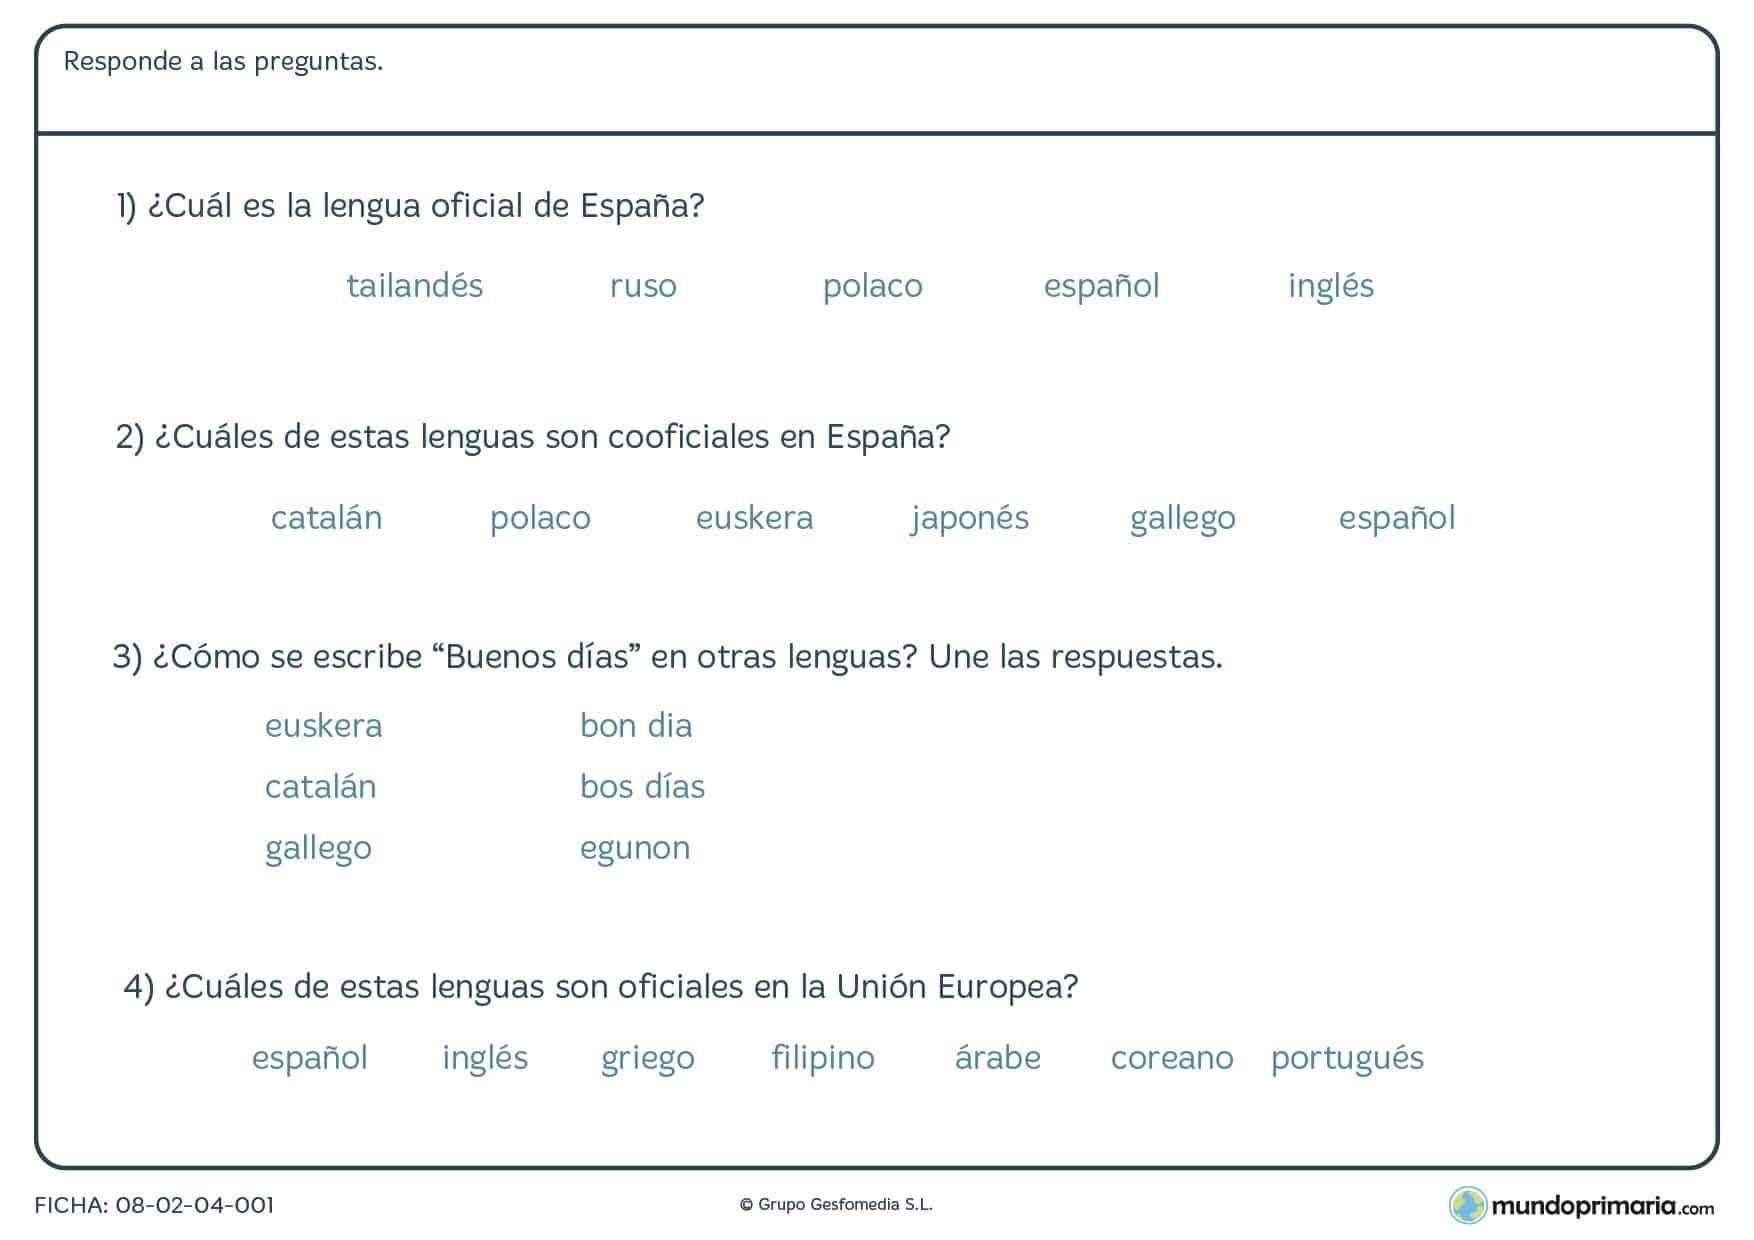 Ficha de tipos de lenguas en la que tienes que responder varias preguntas sobre los tipos de lenguas del mundo